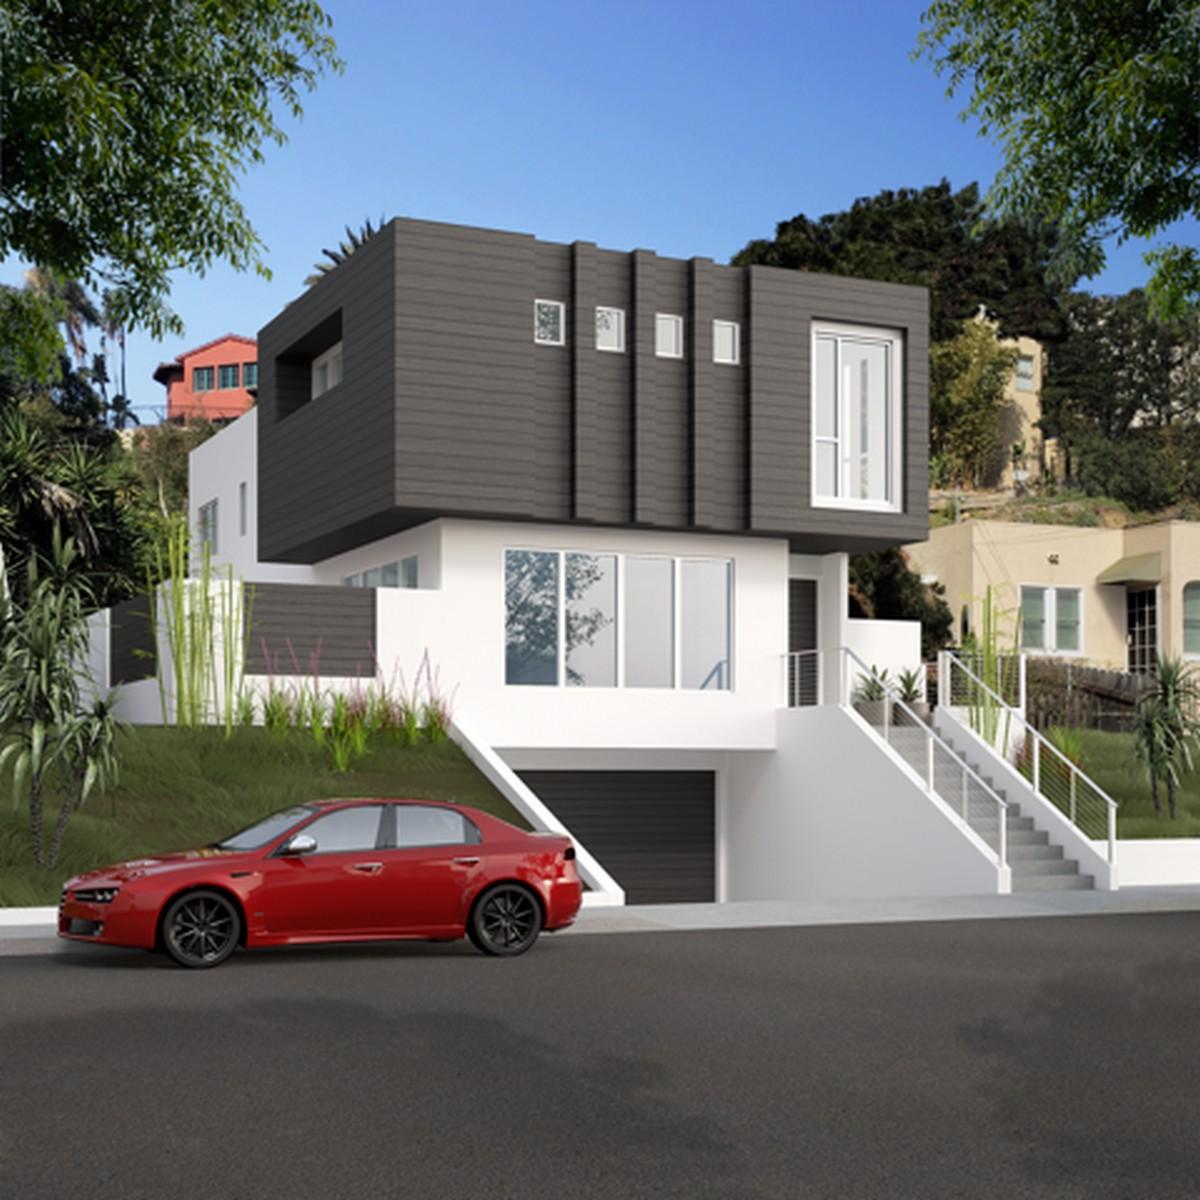 Частный односемейный дом для того Продажа на 3218 Ibis Street San Diego, Калифорния 92103 Соединенные Штаты